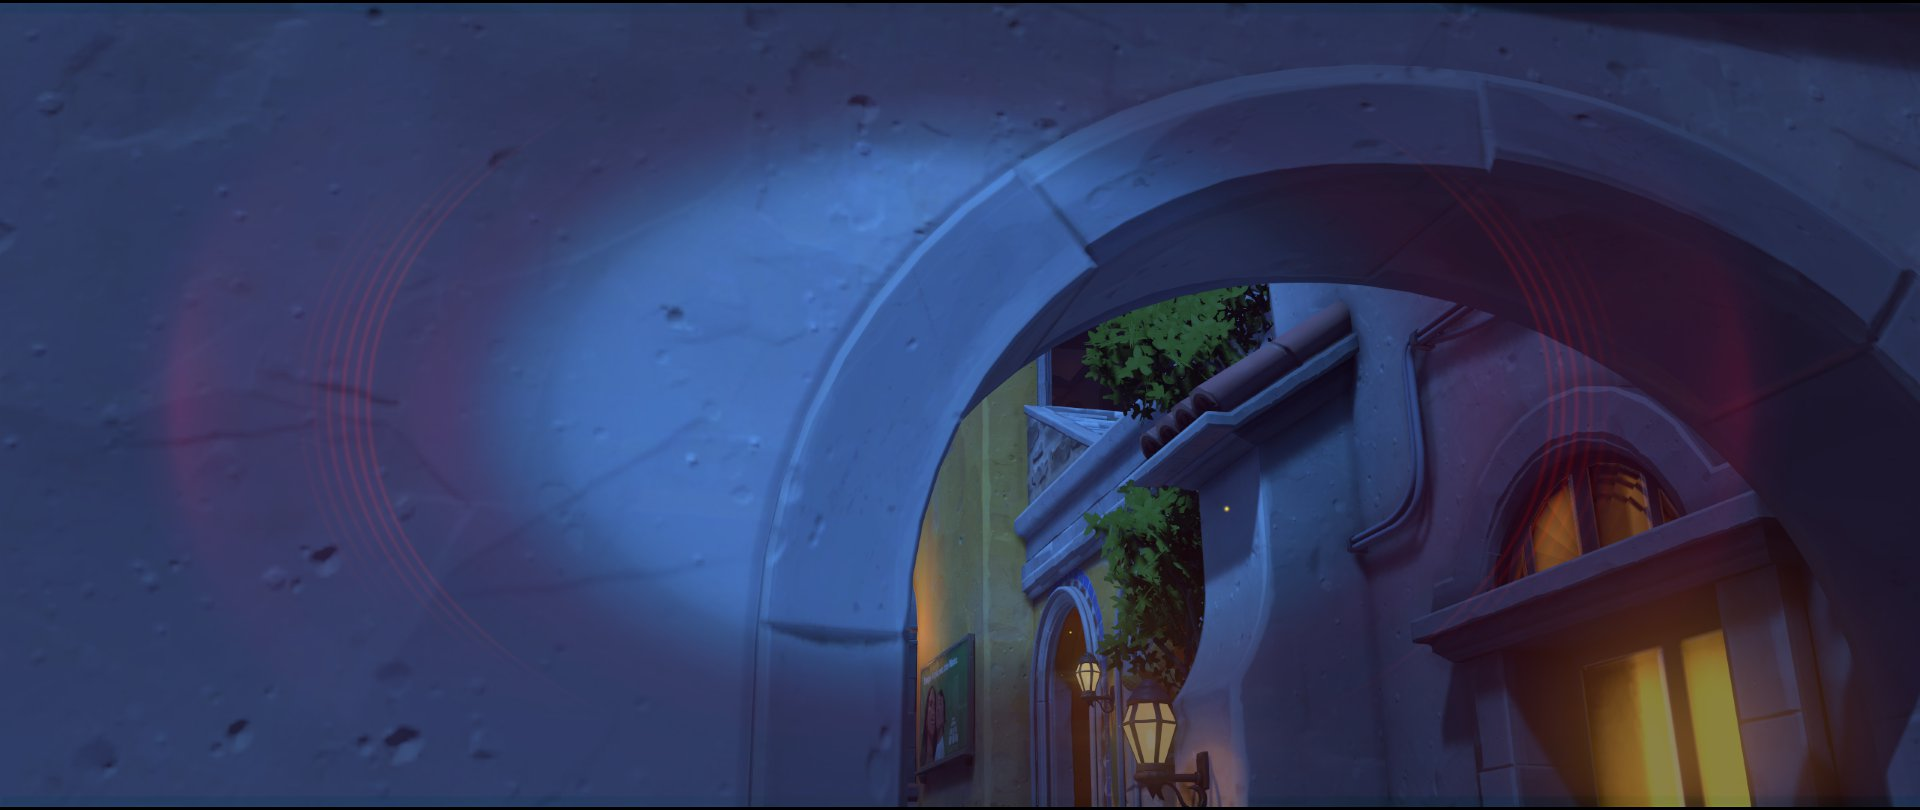 Inner Wall to Pass attack sniping spot Widowmaker Dorado.jpg